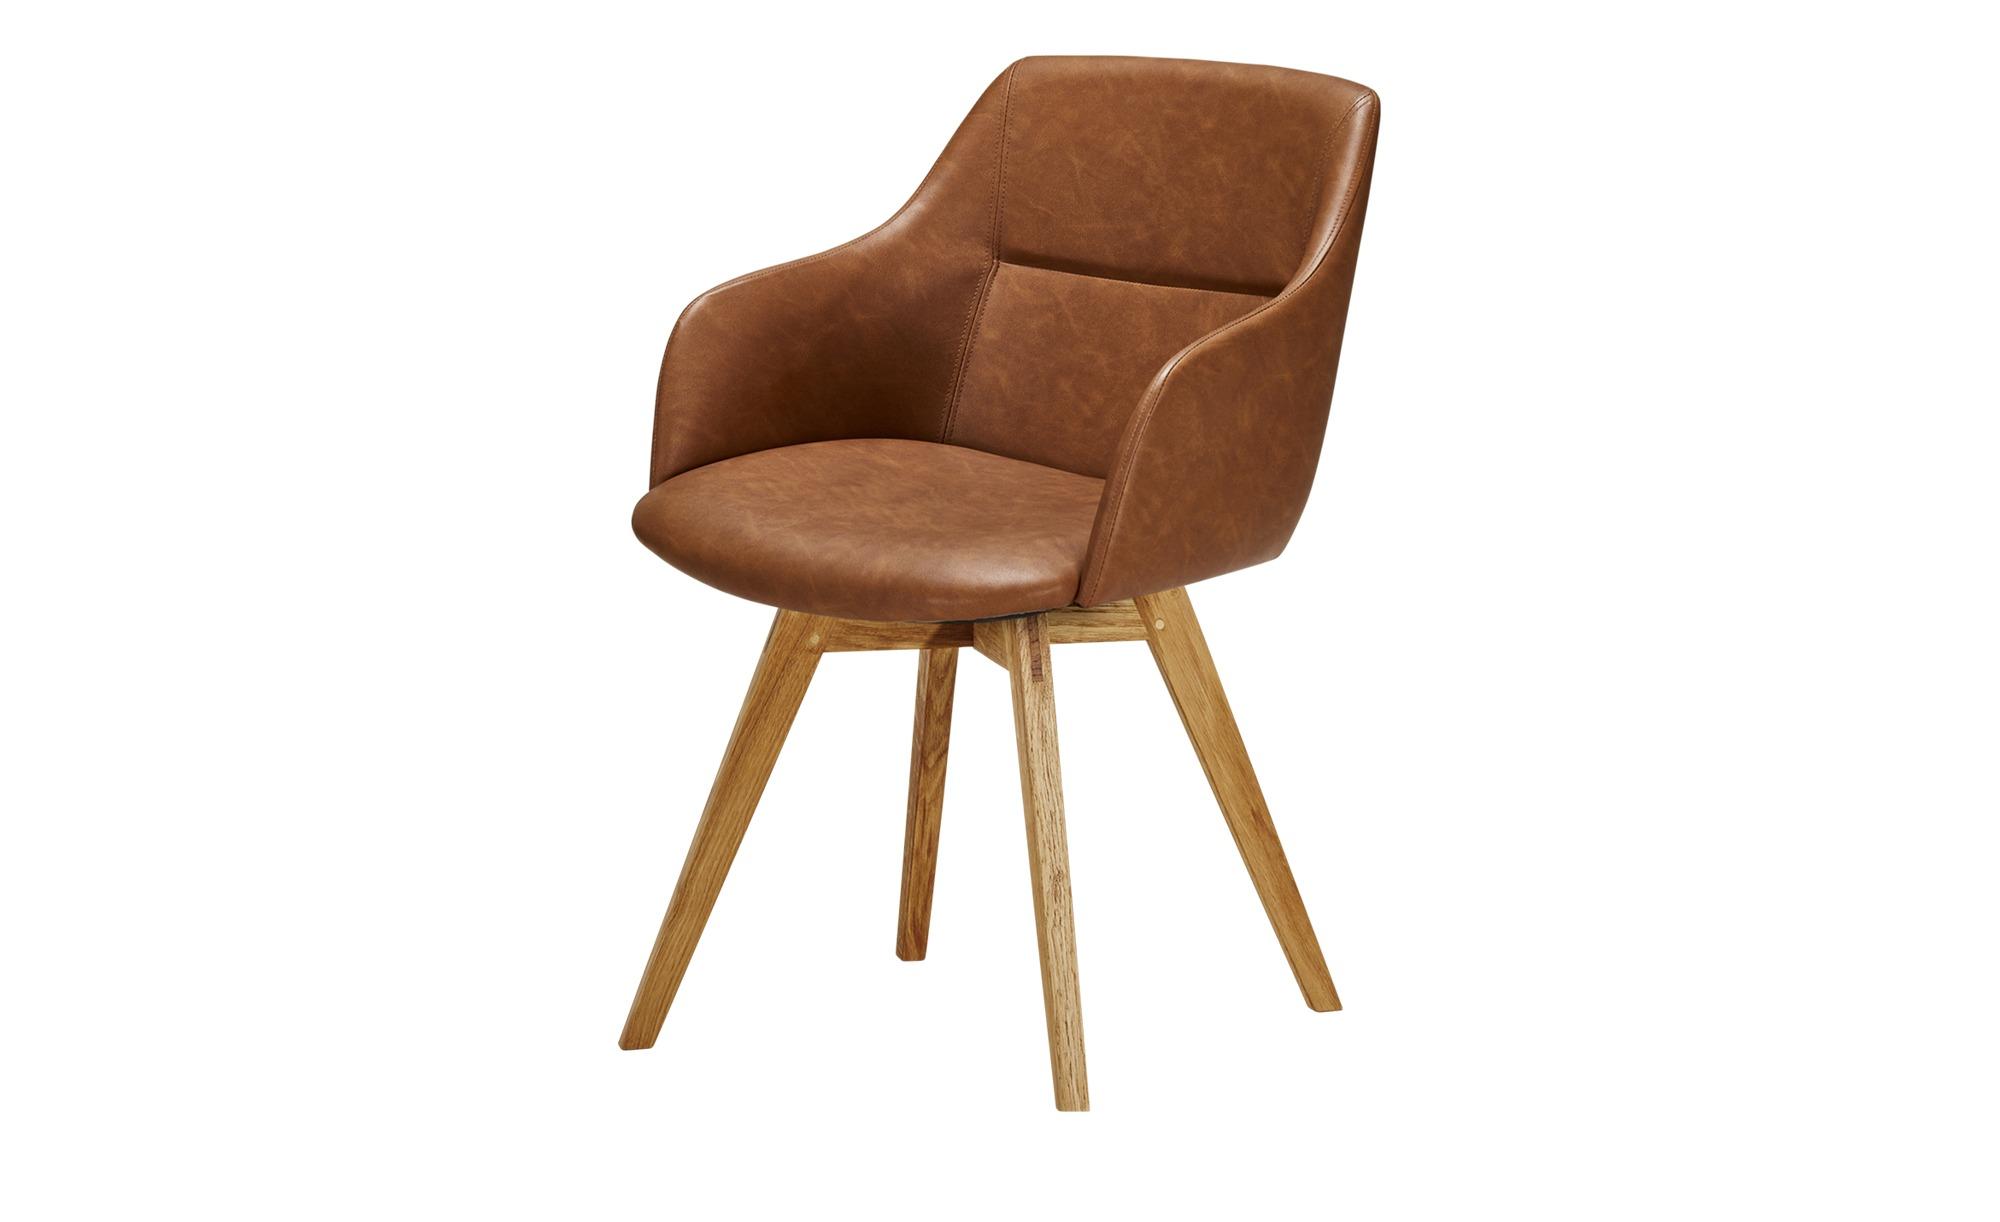 st hle aus holz o metall g nstig bei h ffner kaufen. Black Bedroom Furniture Sets. Home Design Ideas